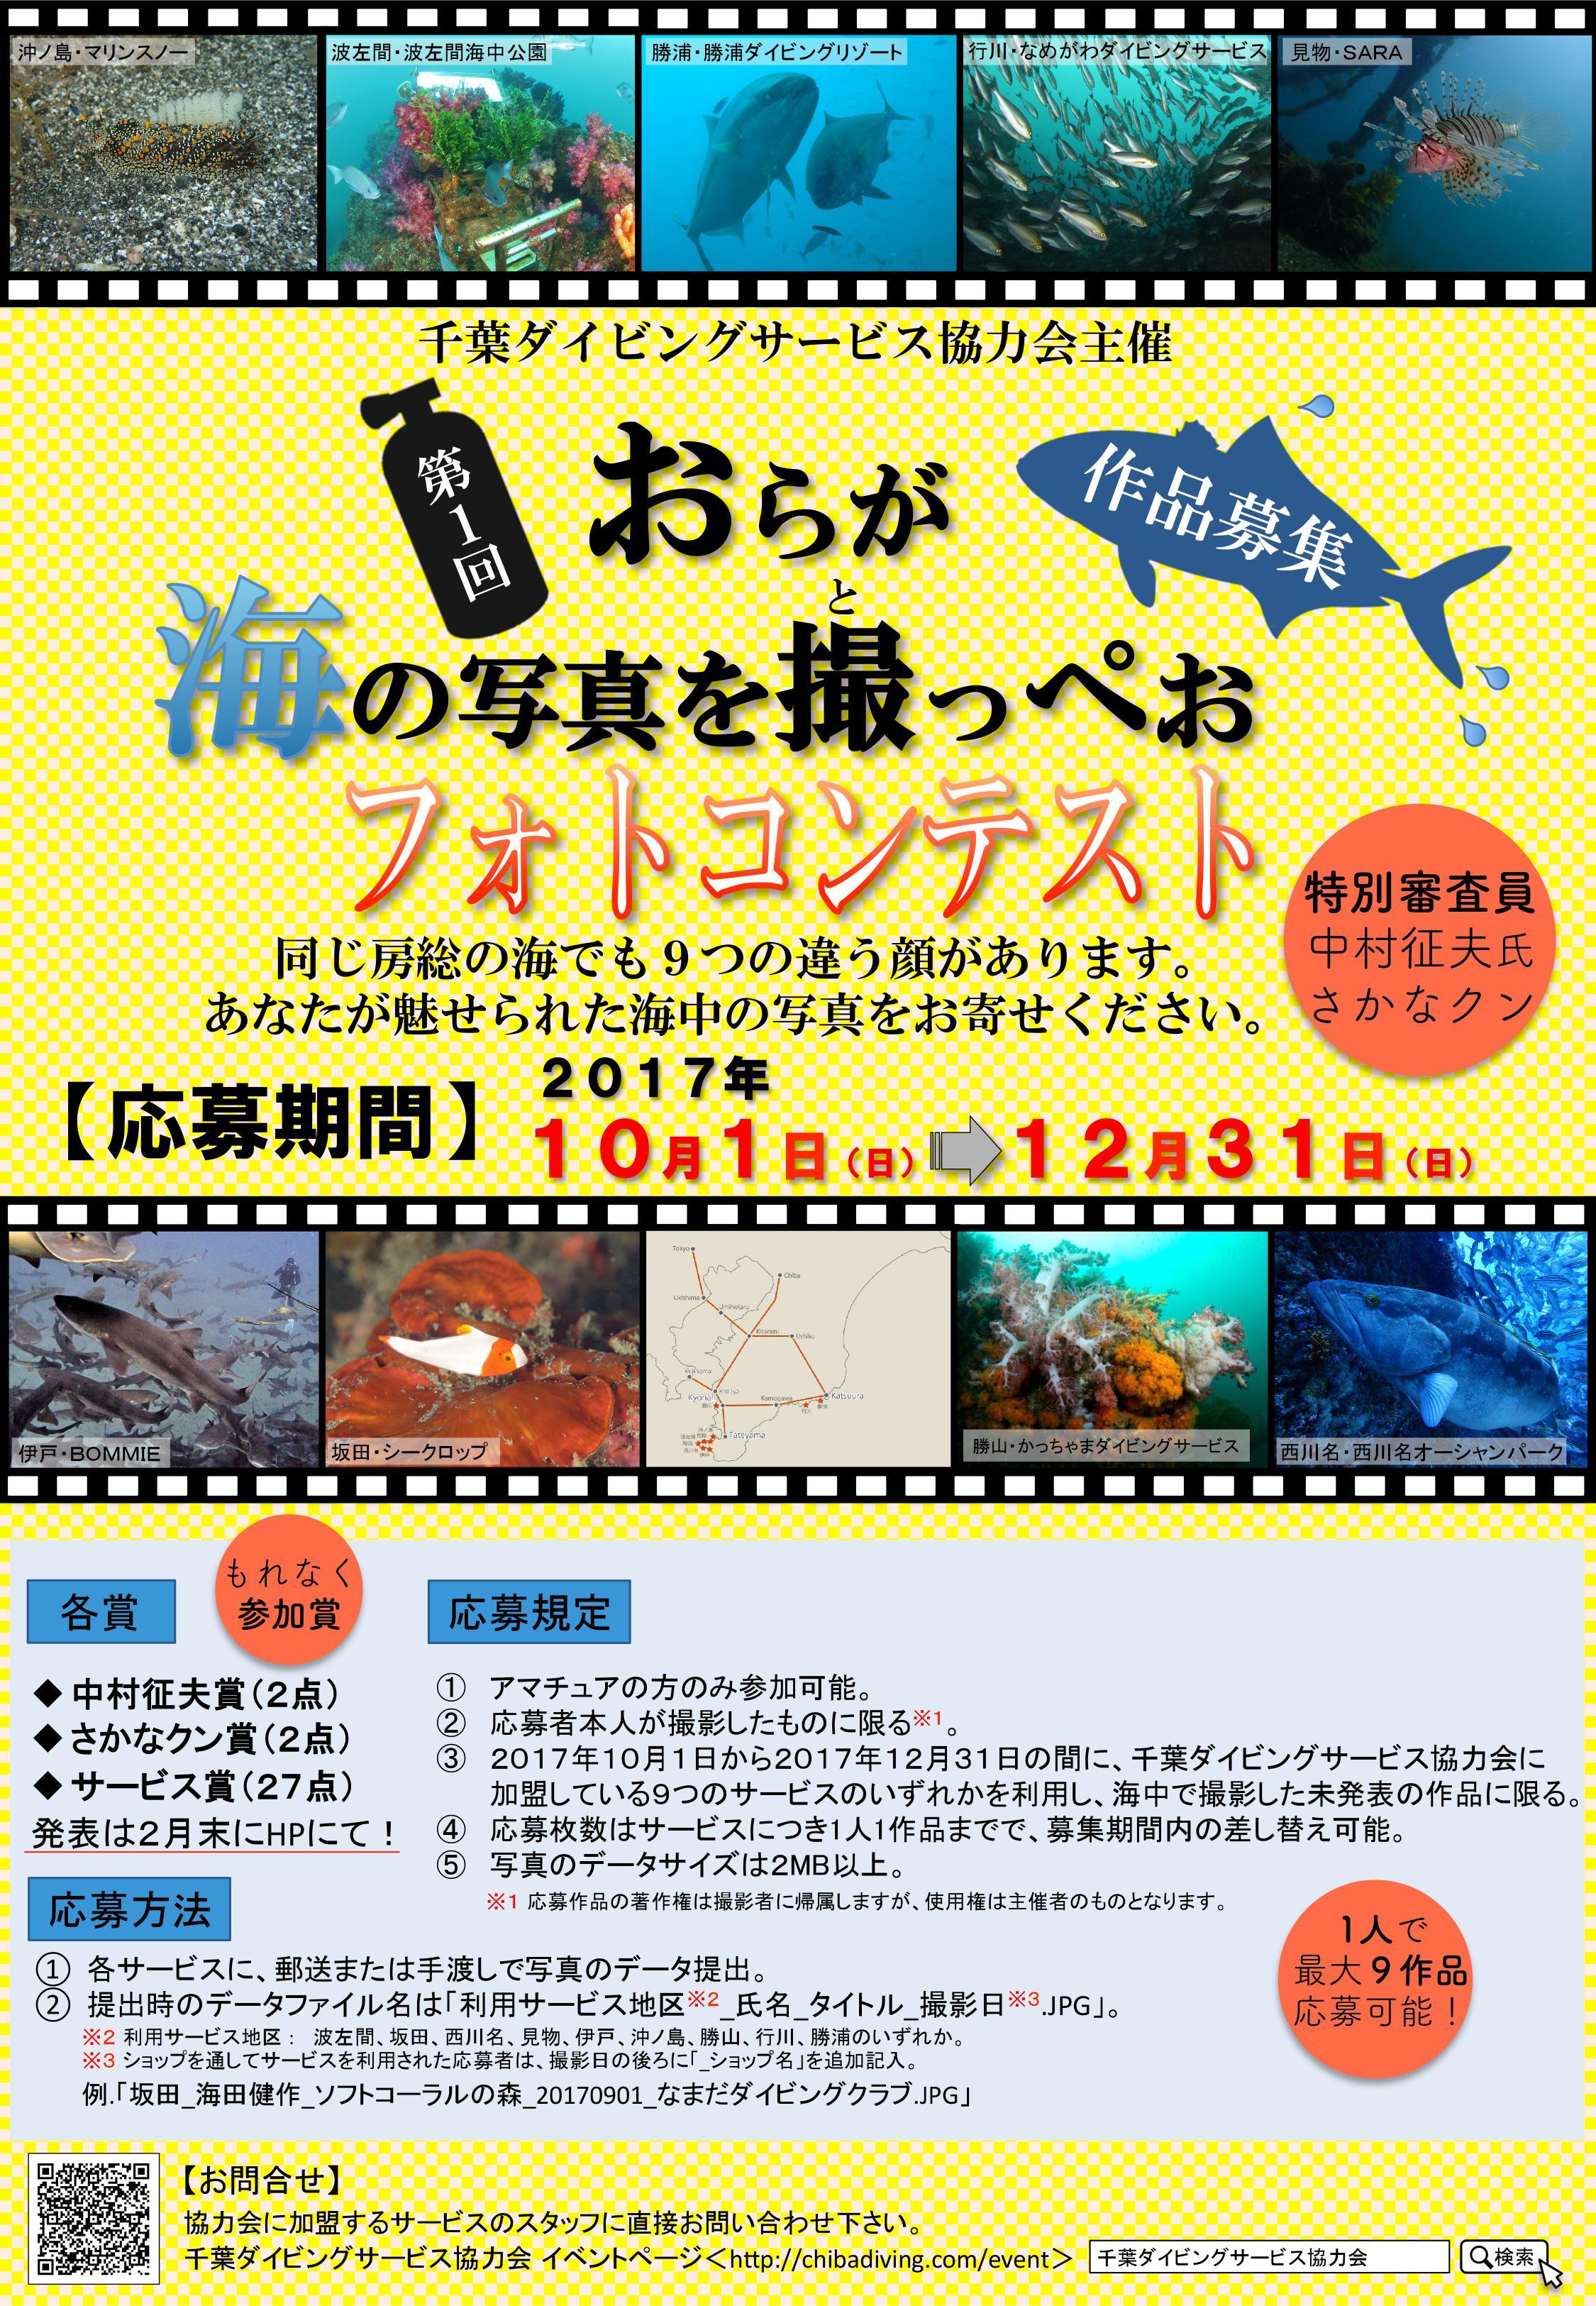 千葉の海を撮ろう♪ フォトコンテスト開催!